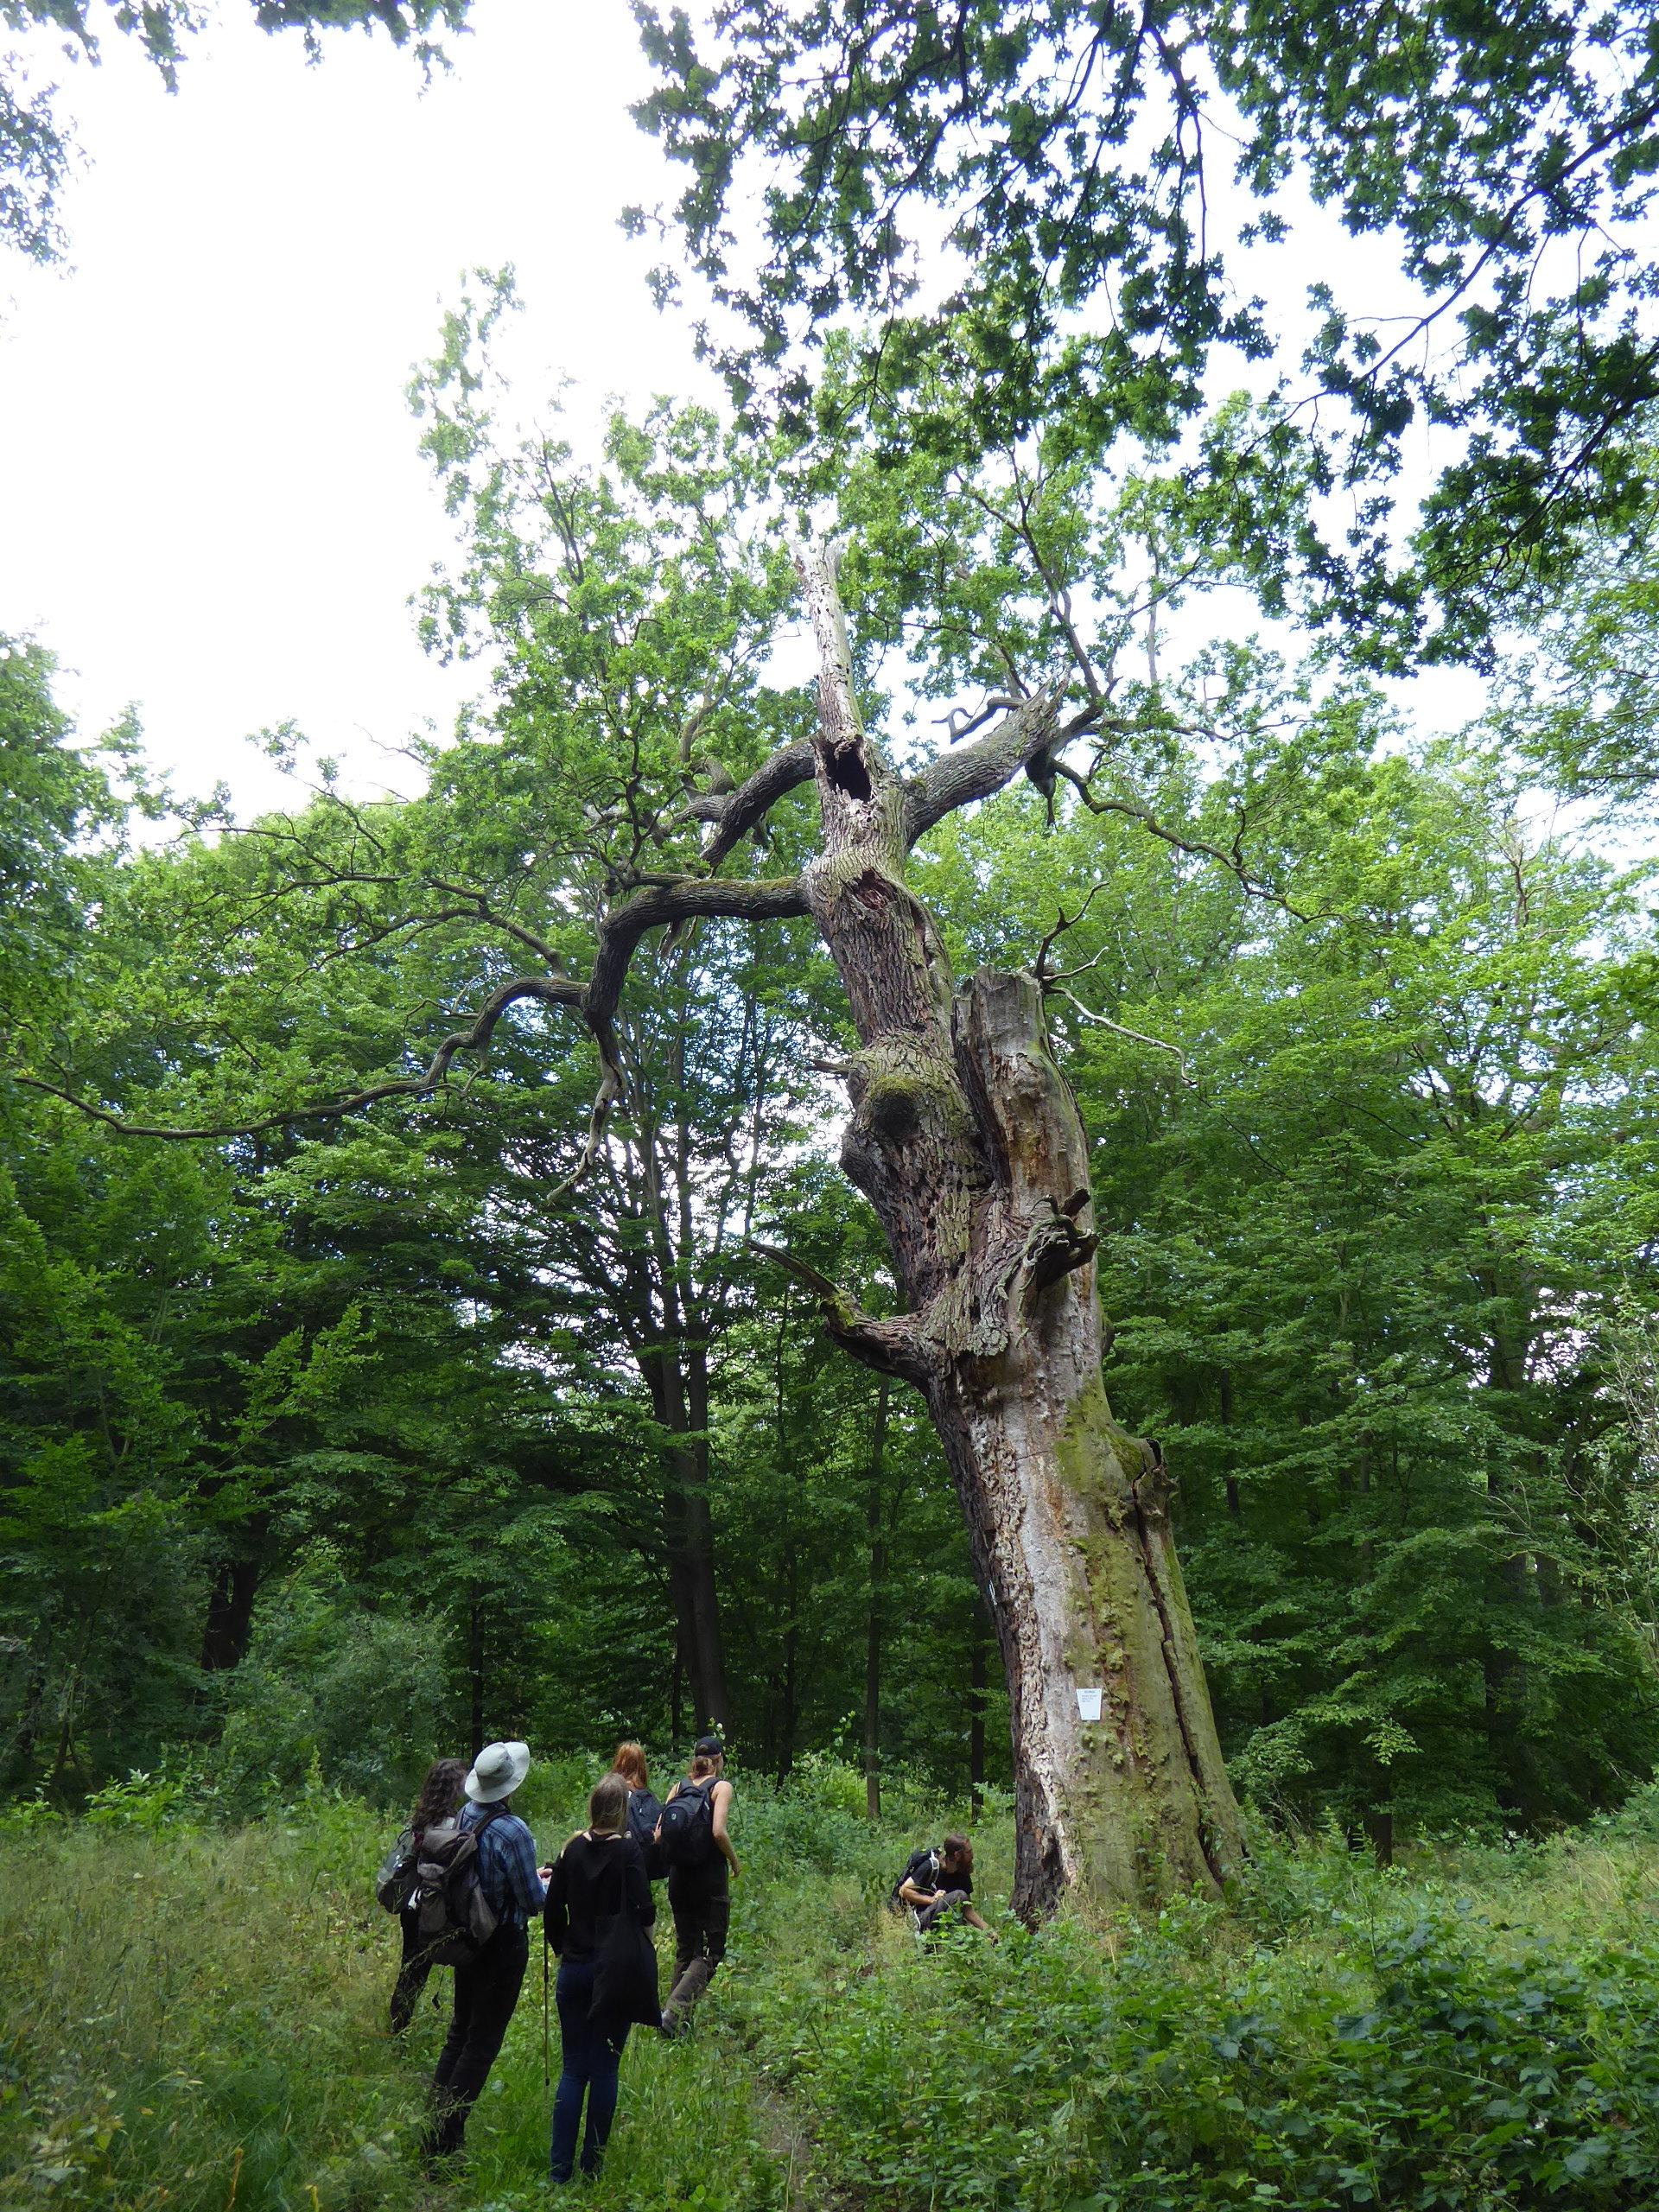 Exkursion-Tiergarten-2020-Guido-Warthemann-P1020743-rotated